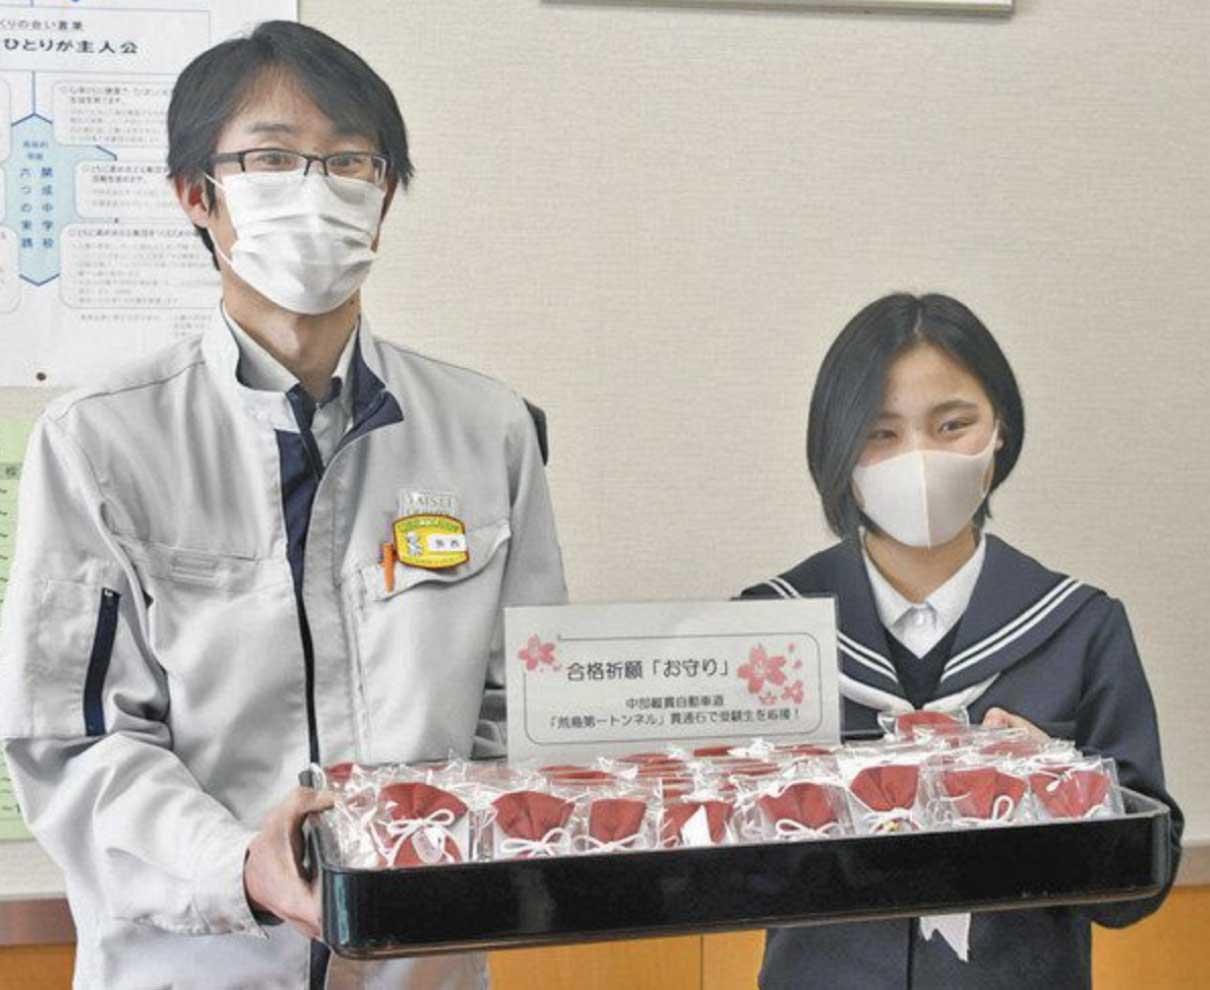 「難関受験突破」願い貫通石 大野の中学生にお守り寄贈